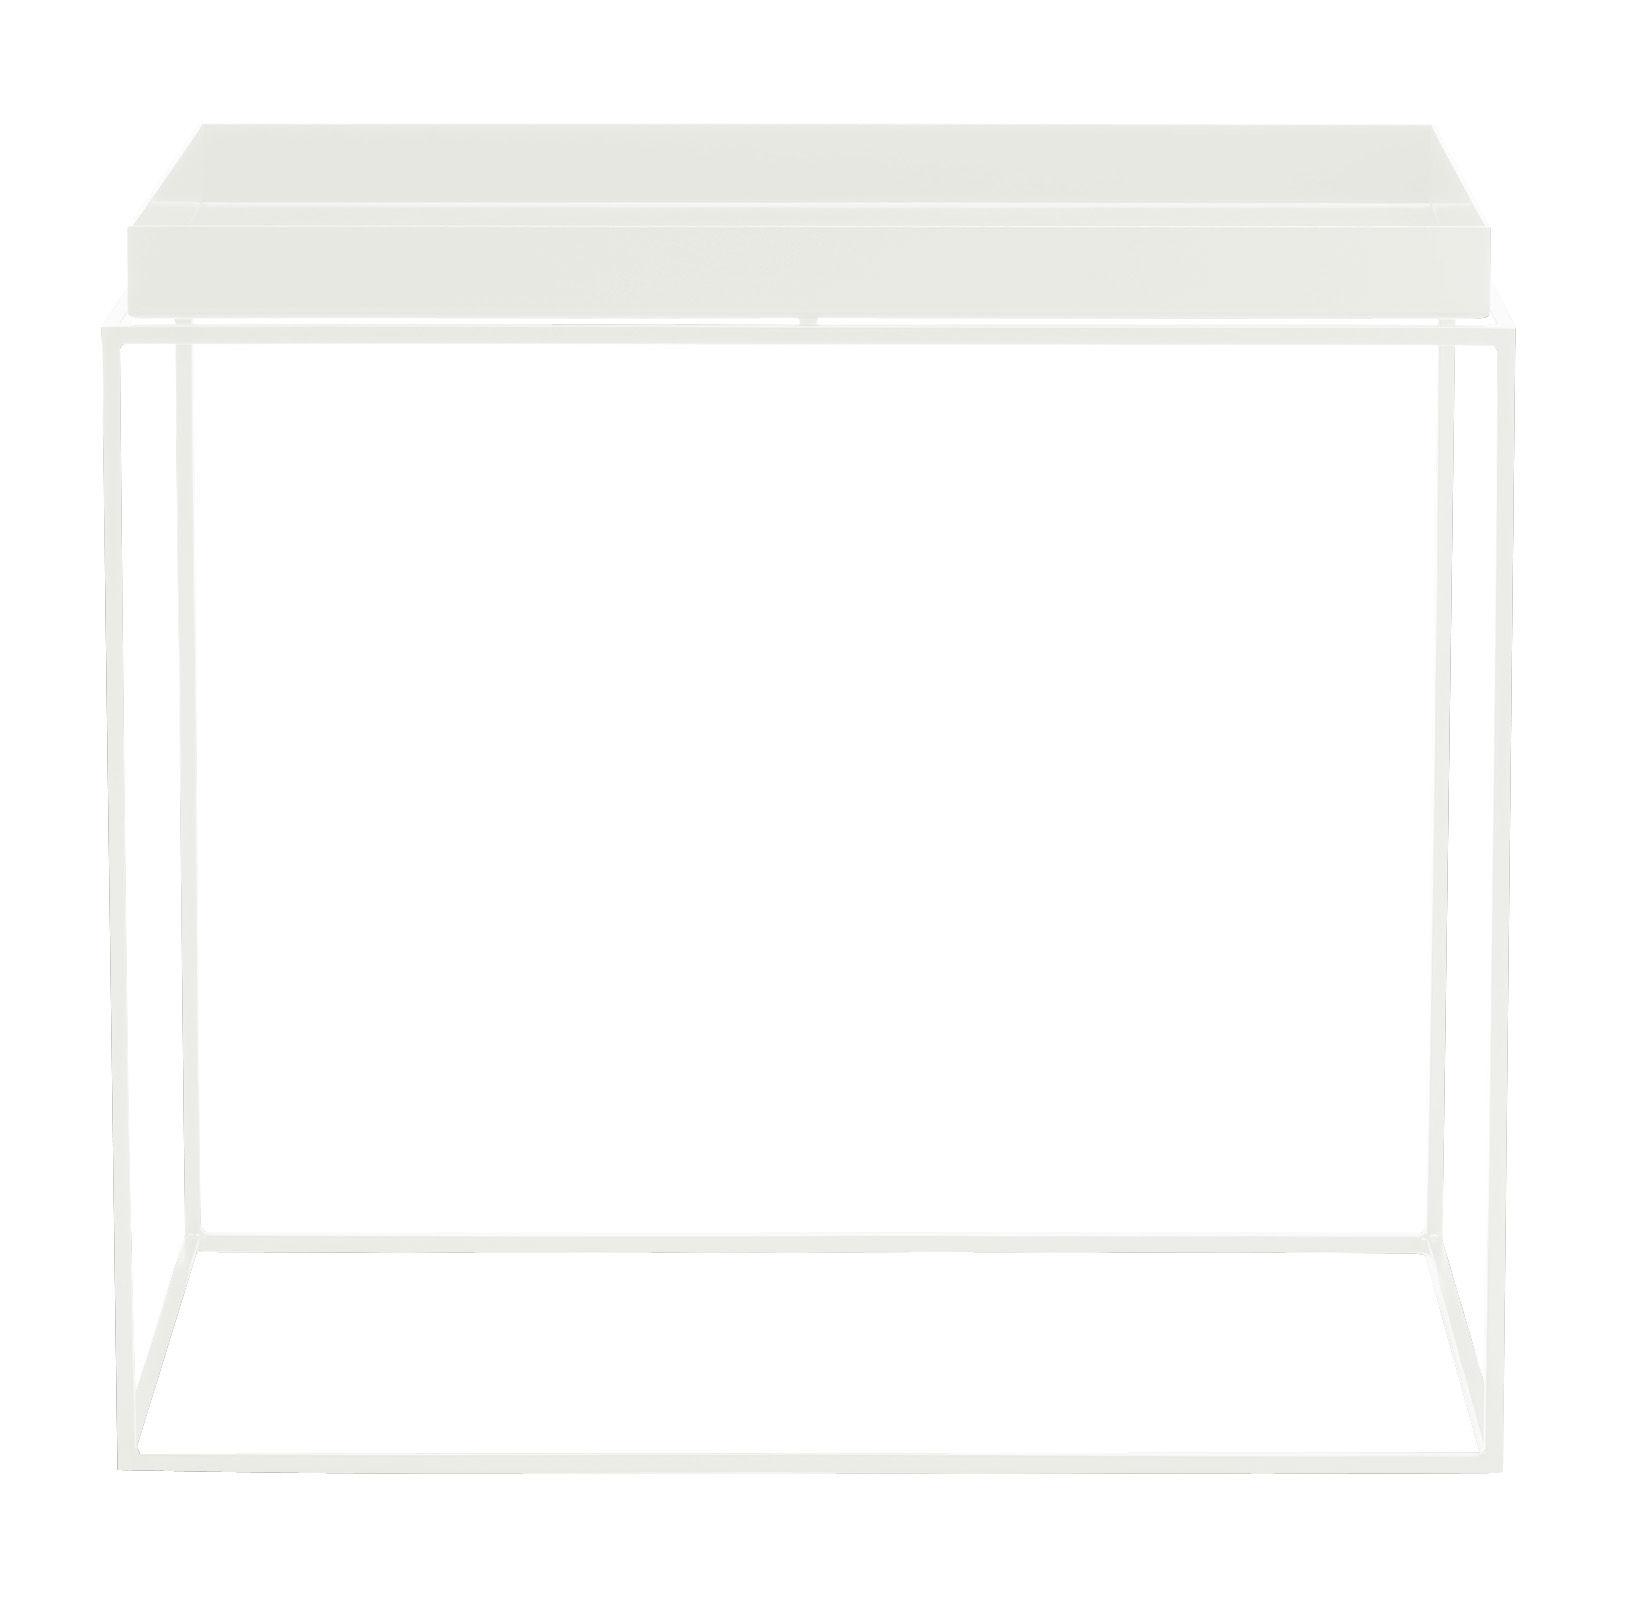 Arredamento - Tavolini  - Tavolino Tray - h 50 cm - 60 x 40 cm di Hay - Bianco - Acciaio laccato